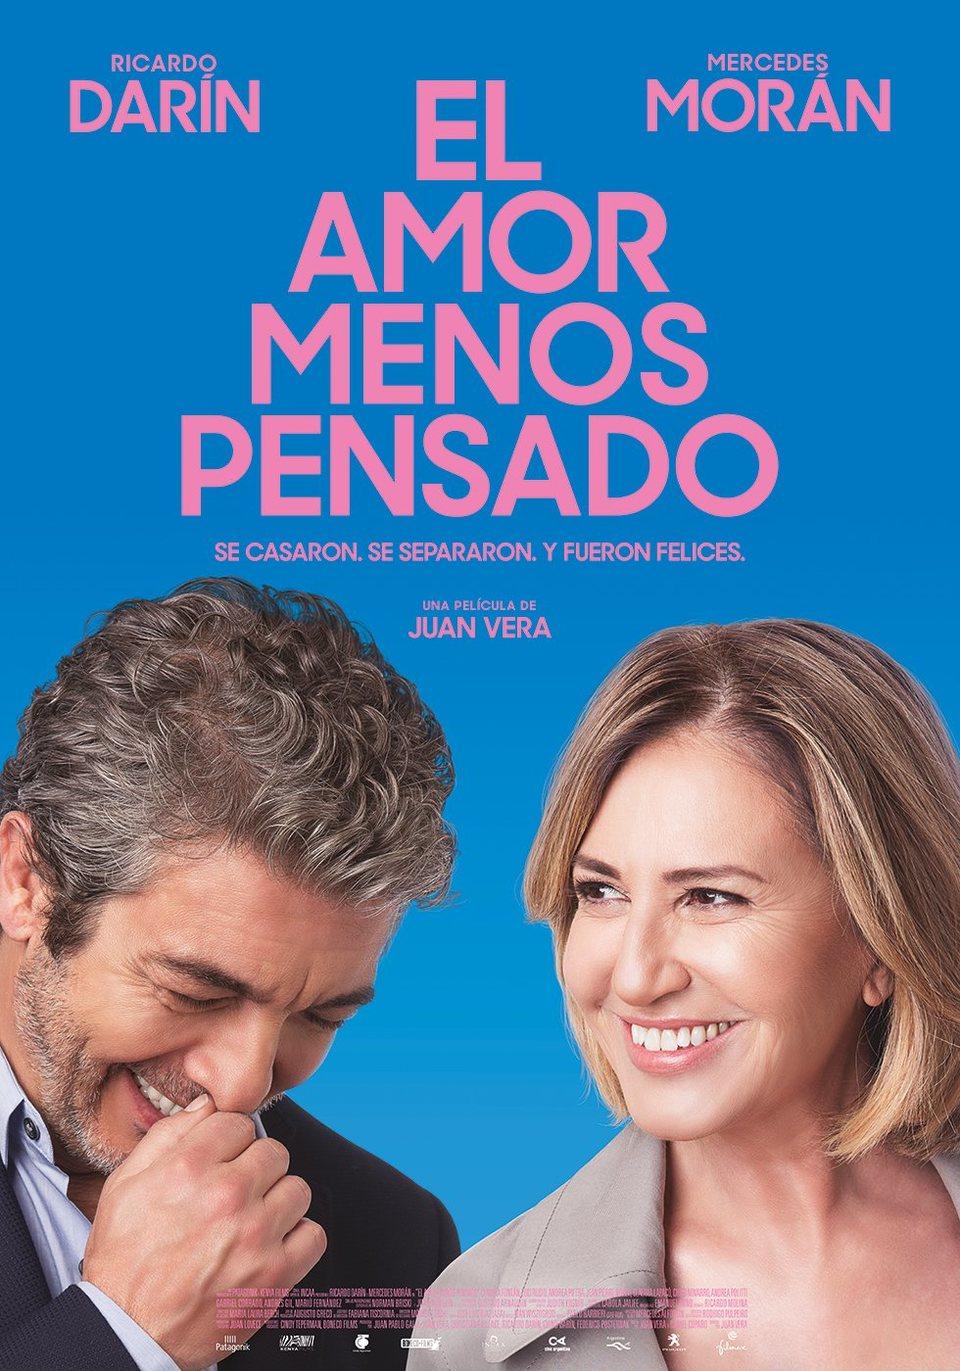 Cartel Póster España de 'El amor menos pensado'